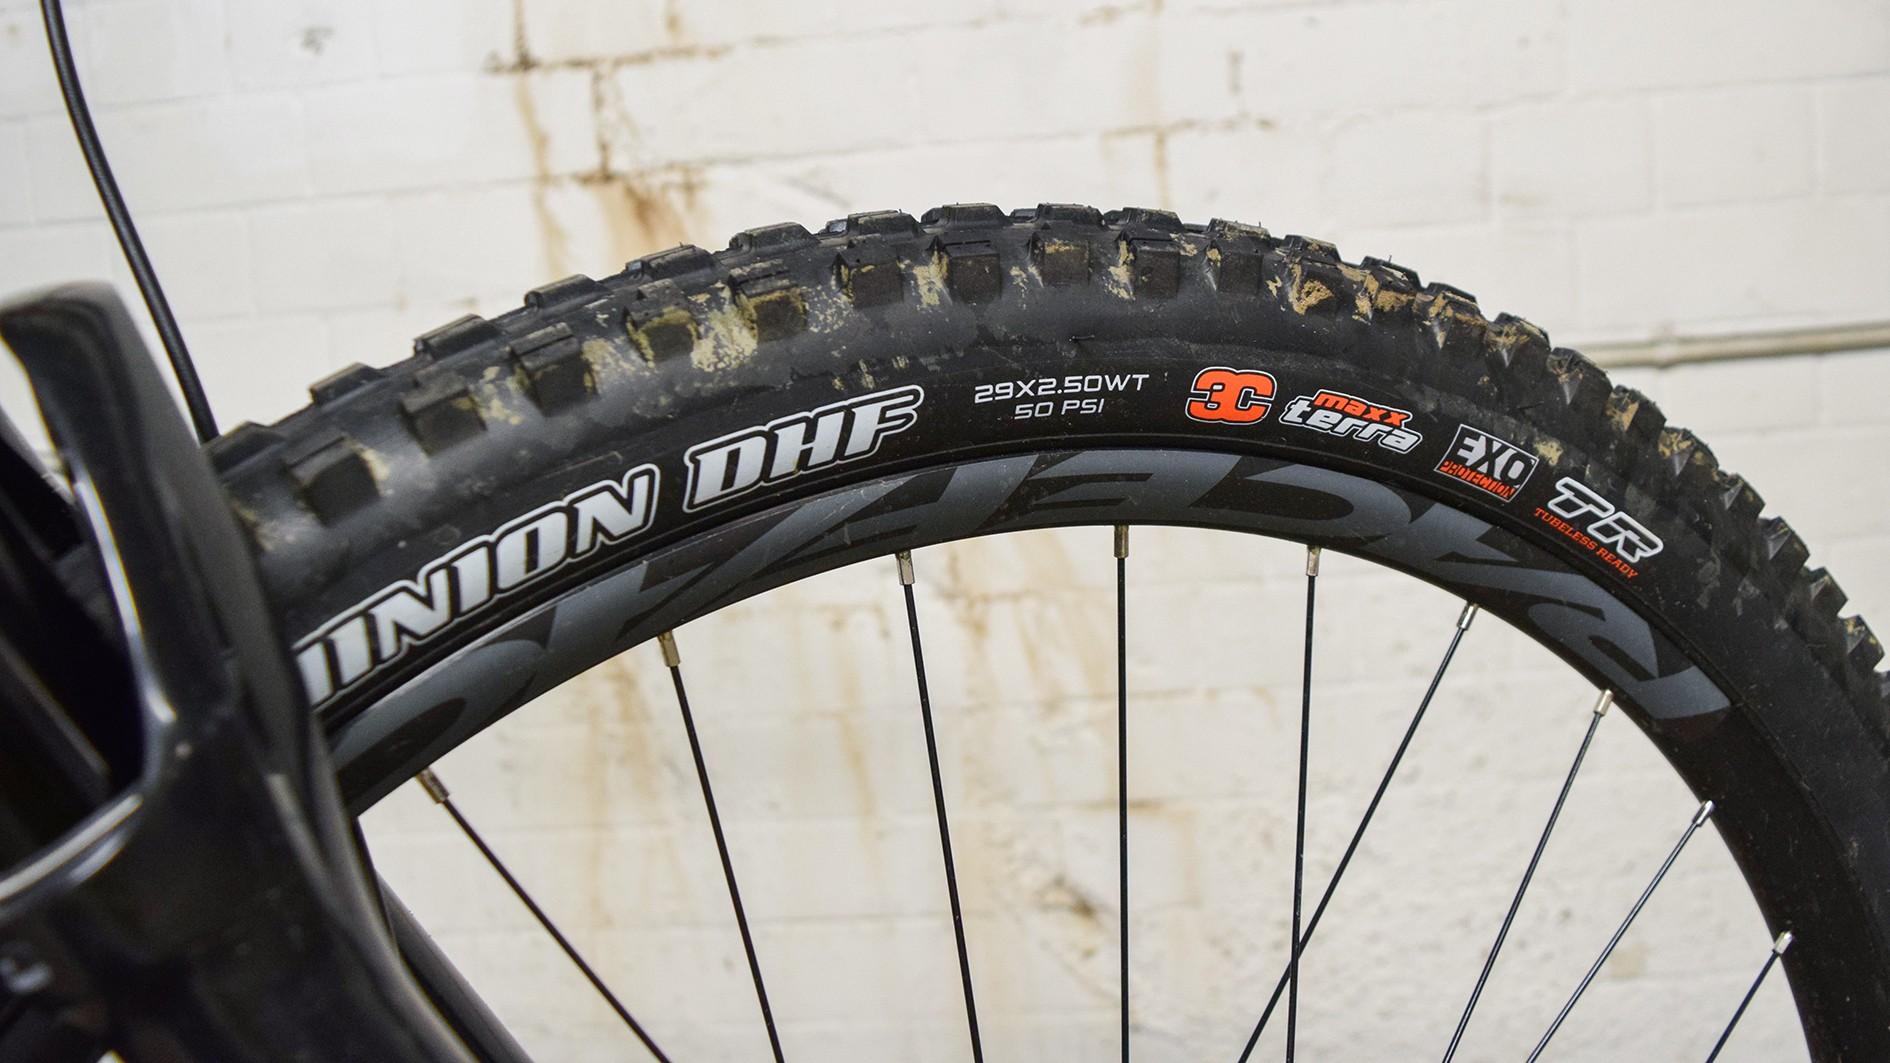 Maxxis Minion 3C Maxx Terra EXO protection tyres